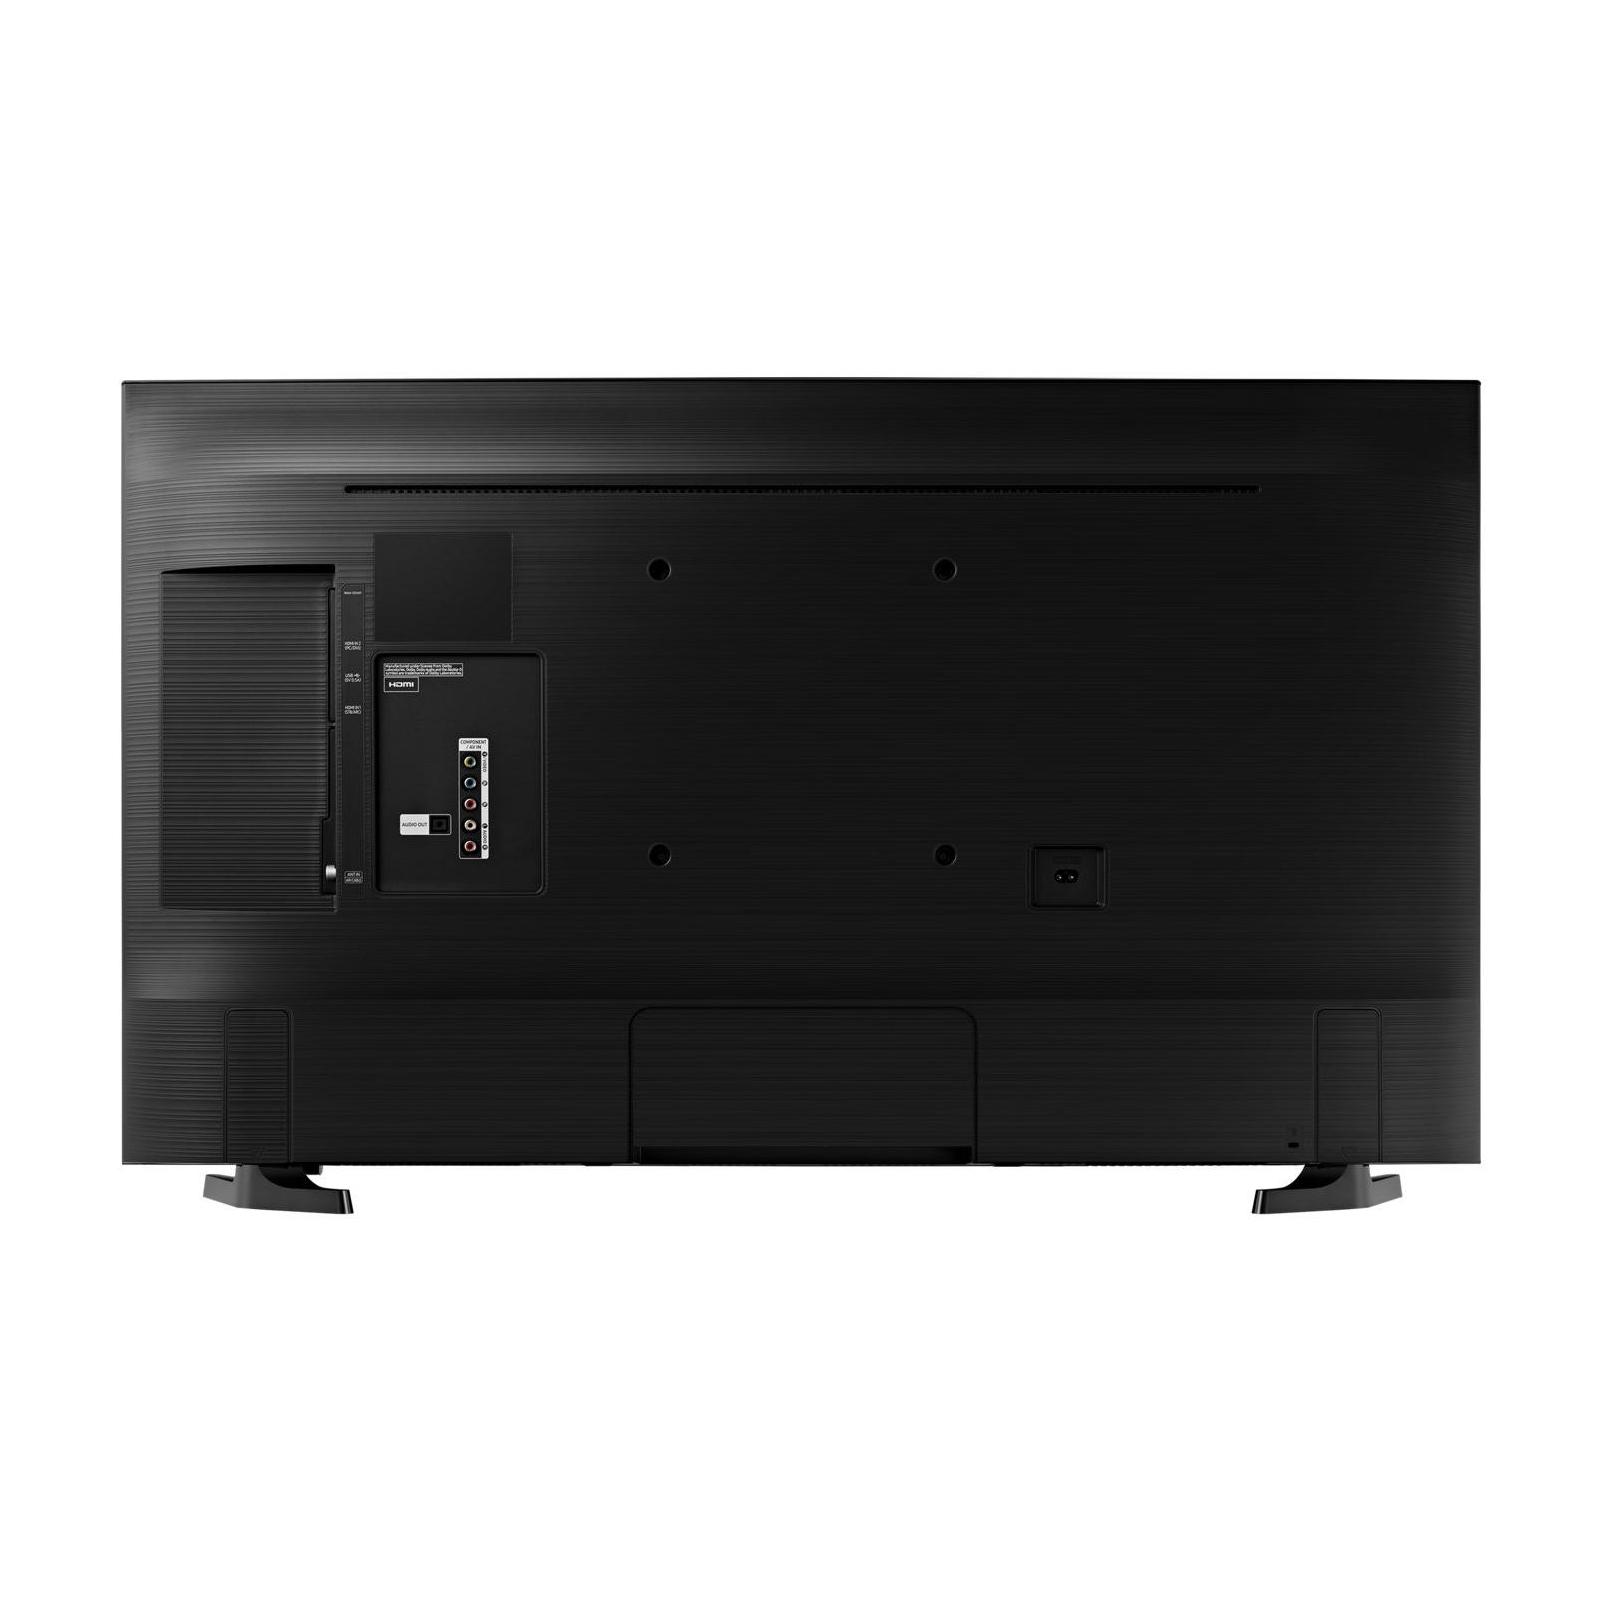 Телевизор Samsung UE32N5000AUXUA изображение 5